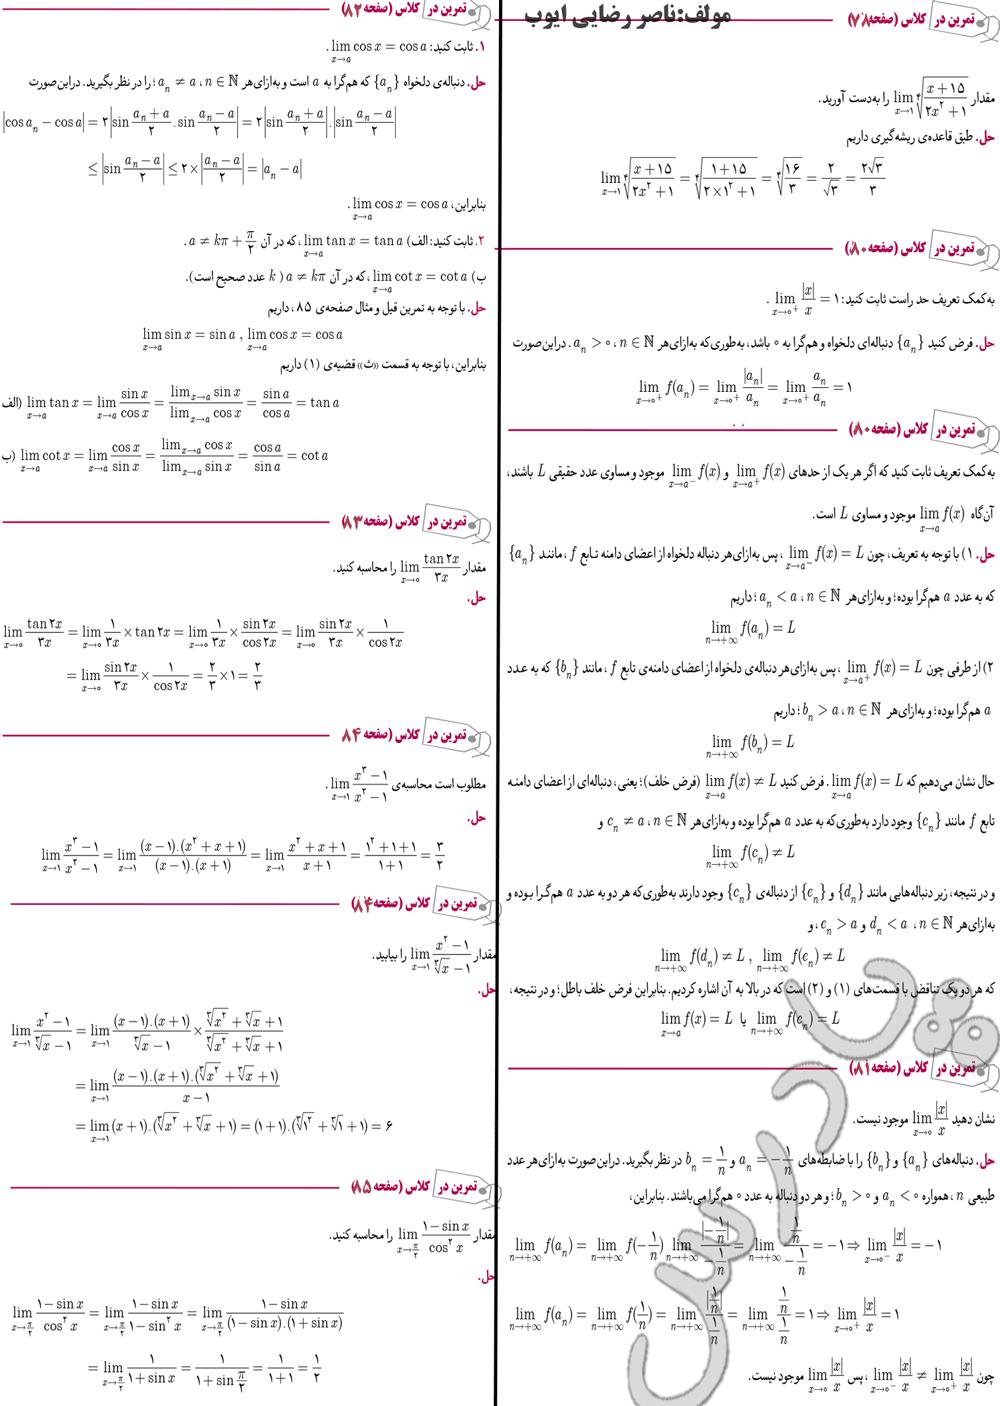 حل تمرین در کلاس صفحه 78 تا 85 دیفرانسیل پیش دانشگاهی